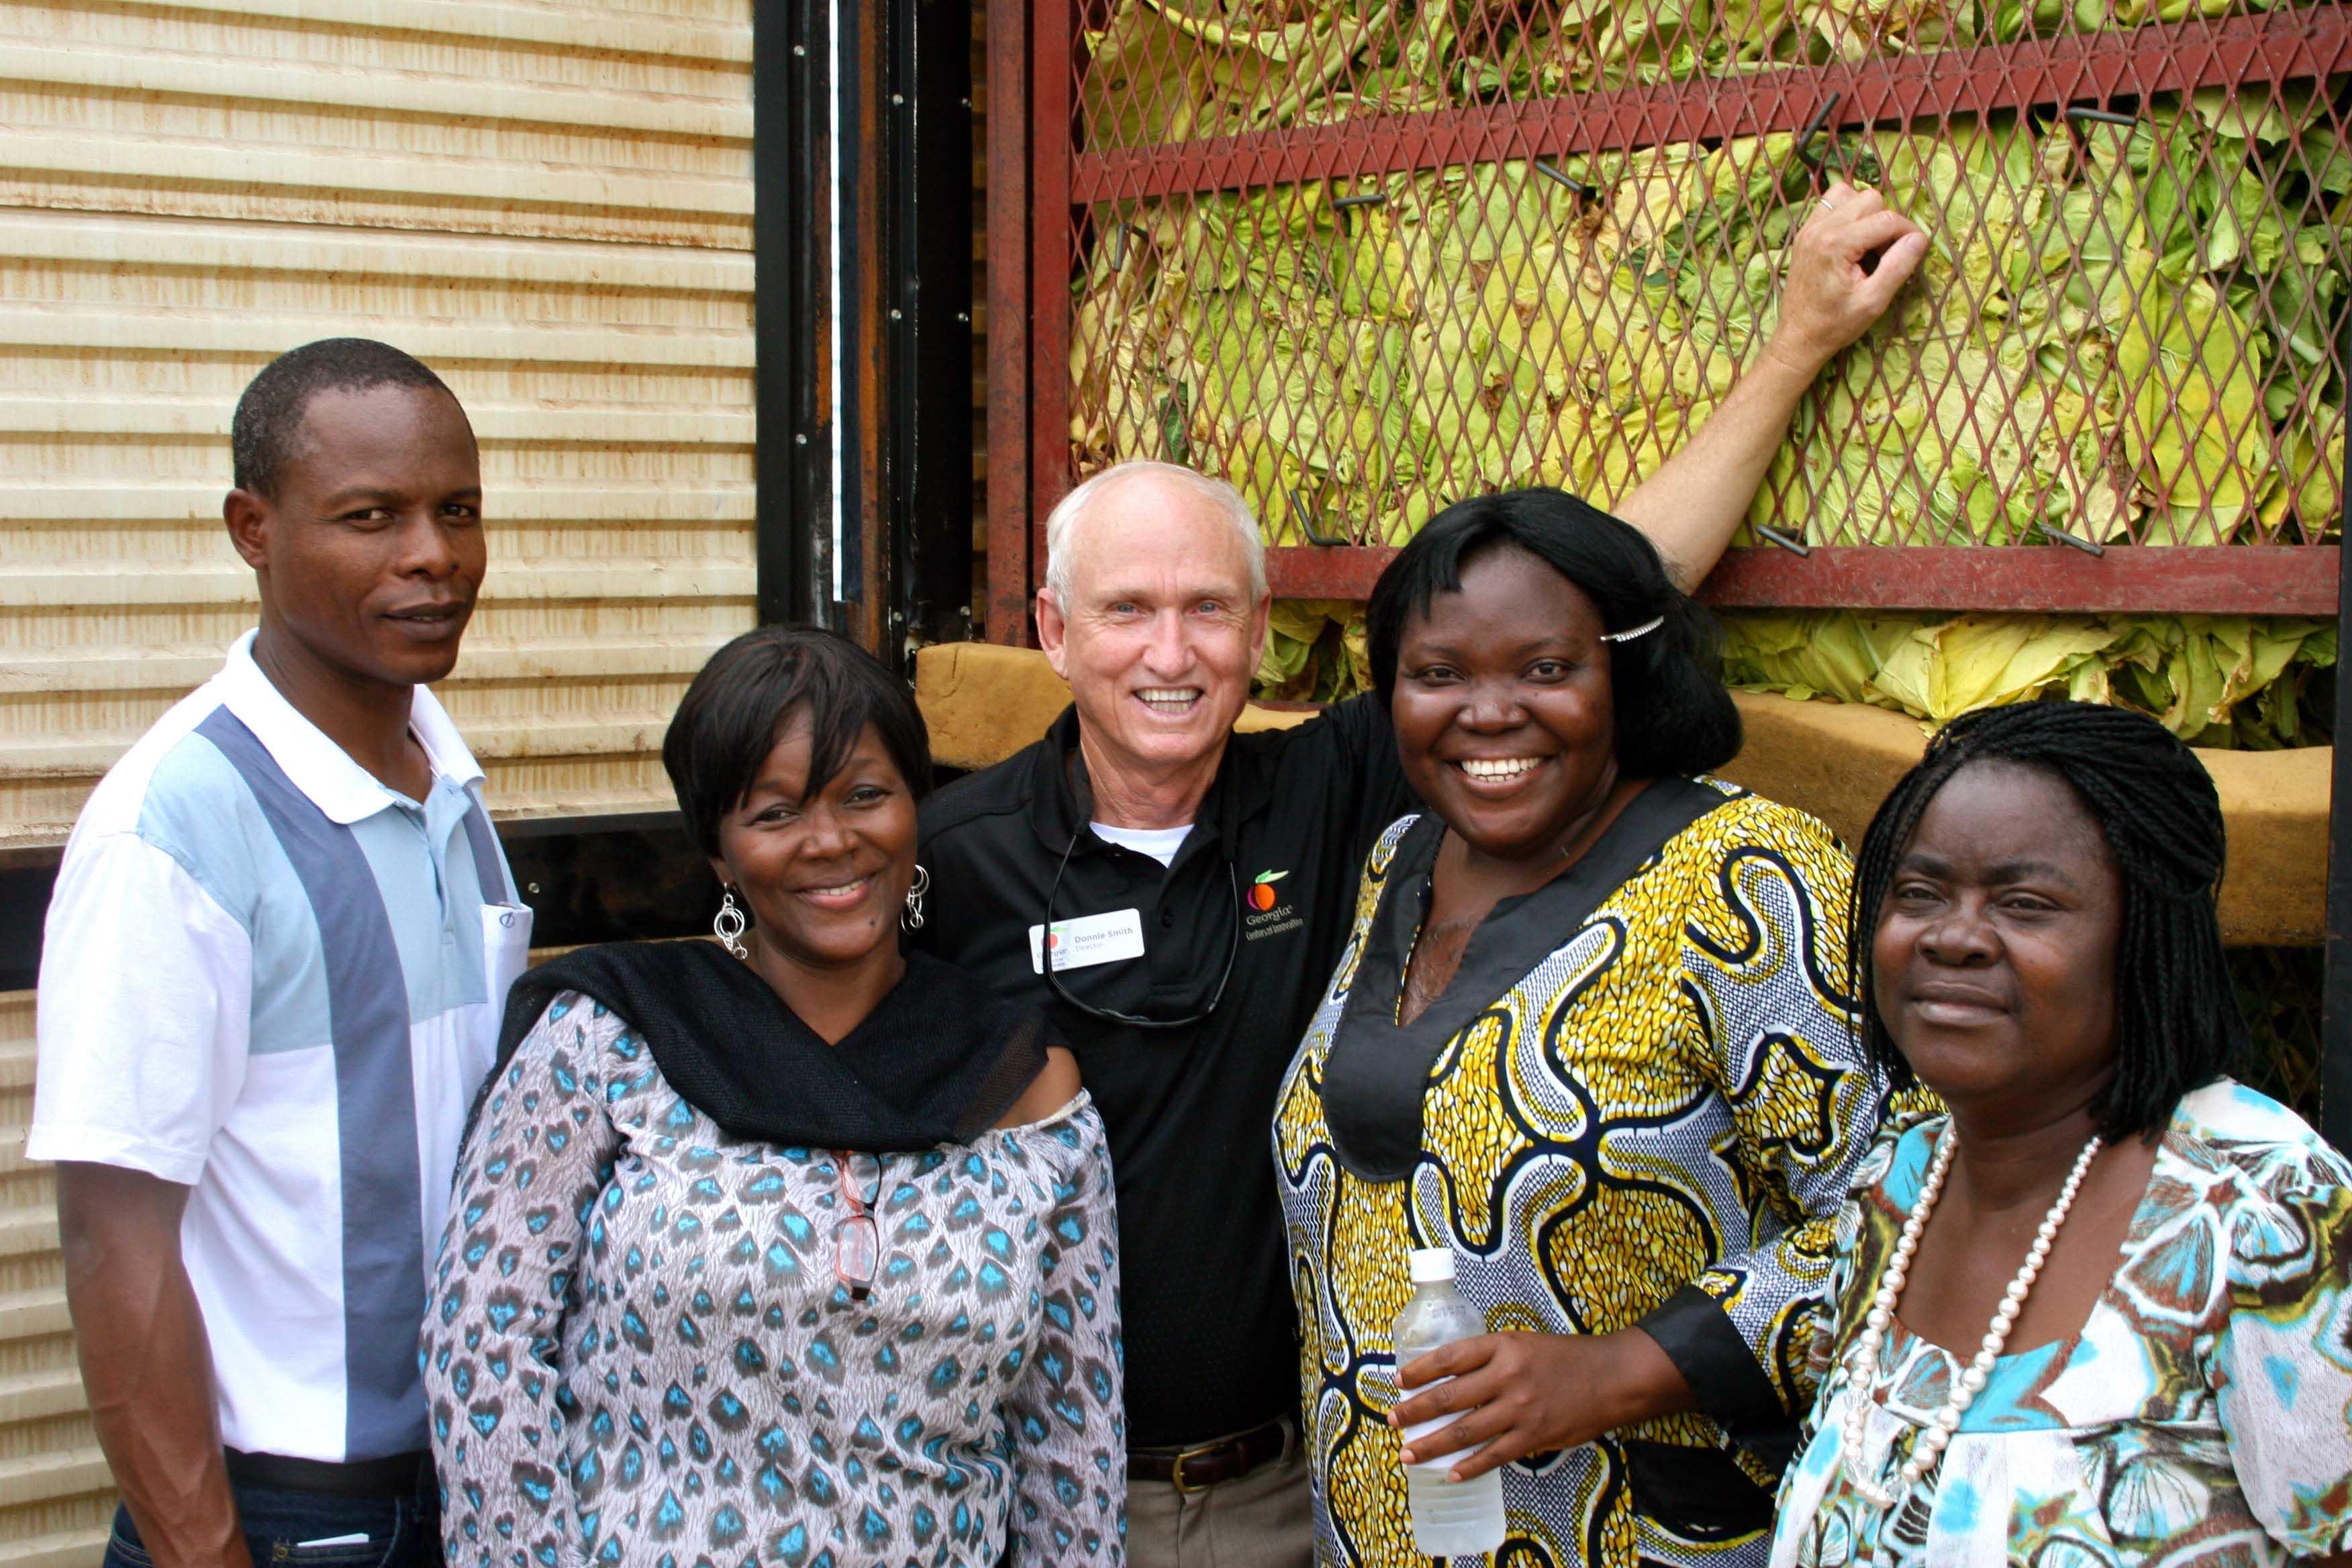 African delegation visits Tifton